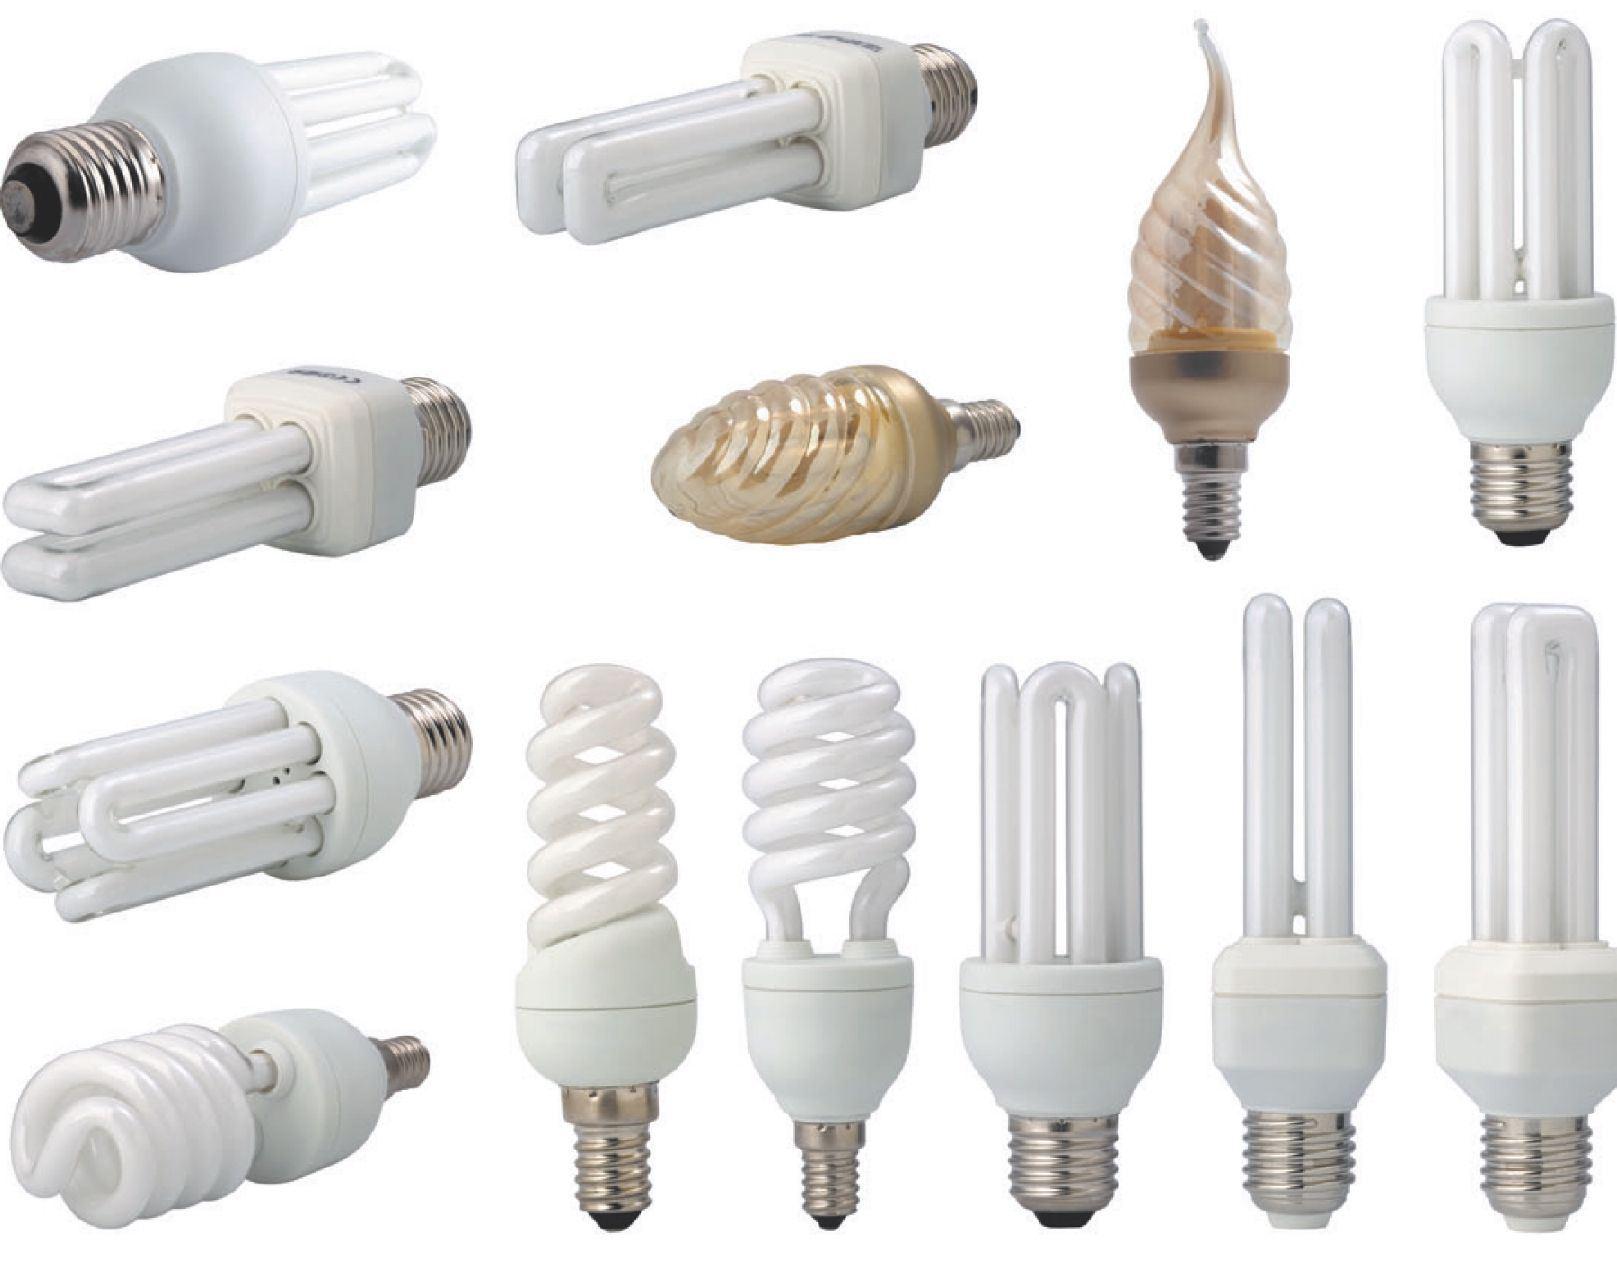 Какие бывают виды освещения? 125 фото и видео современных видов освещения и их характеристика